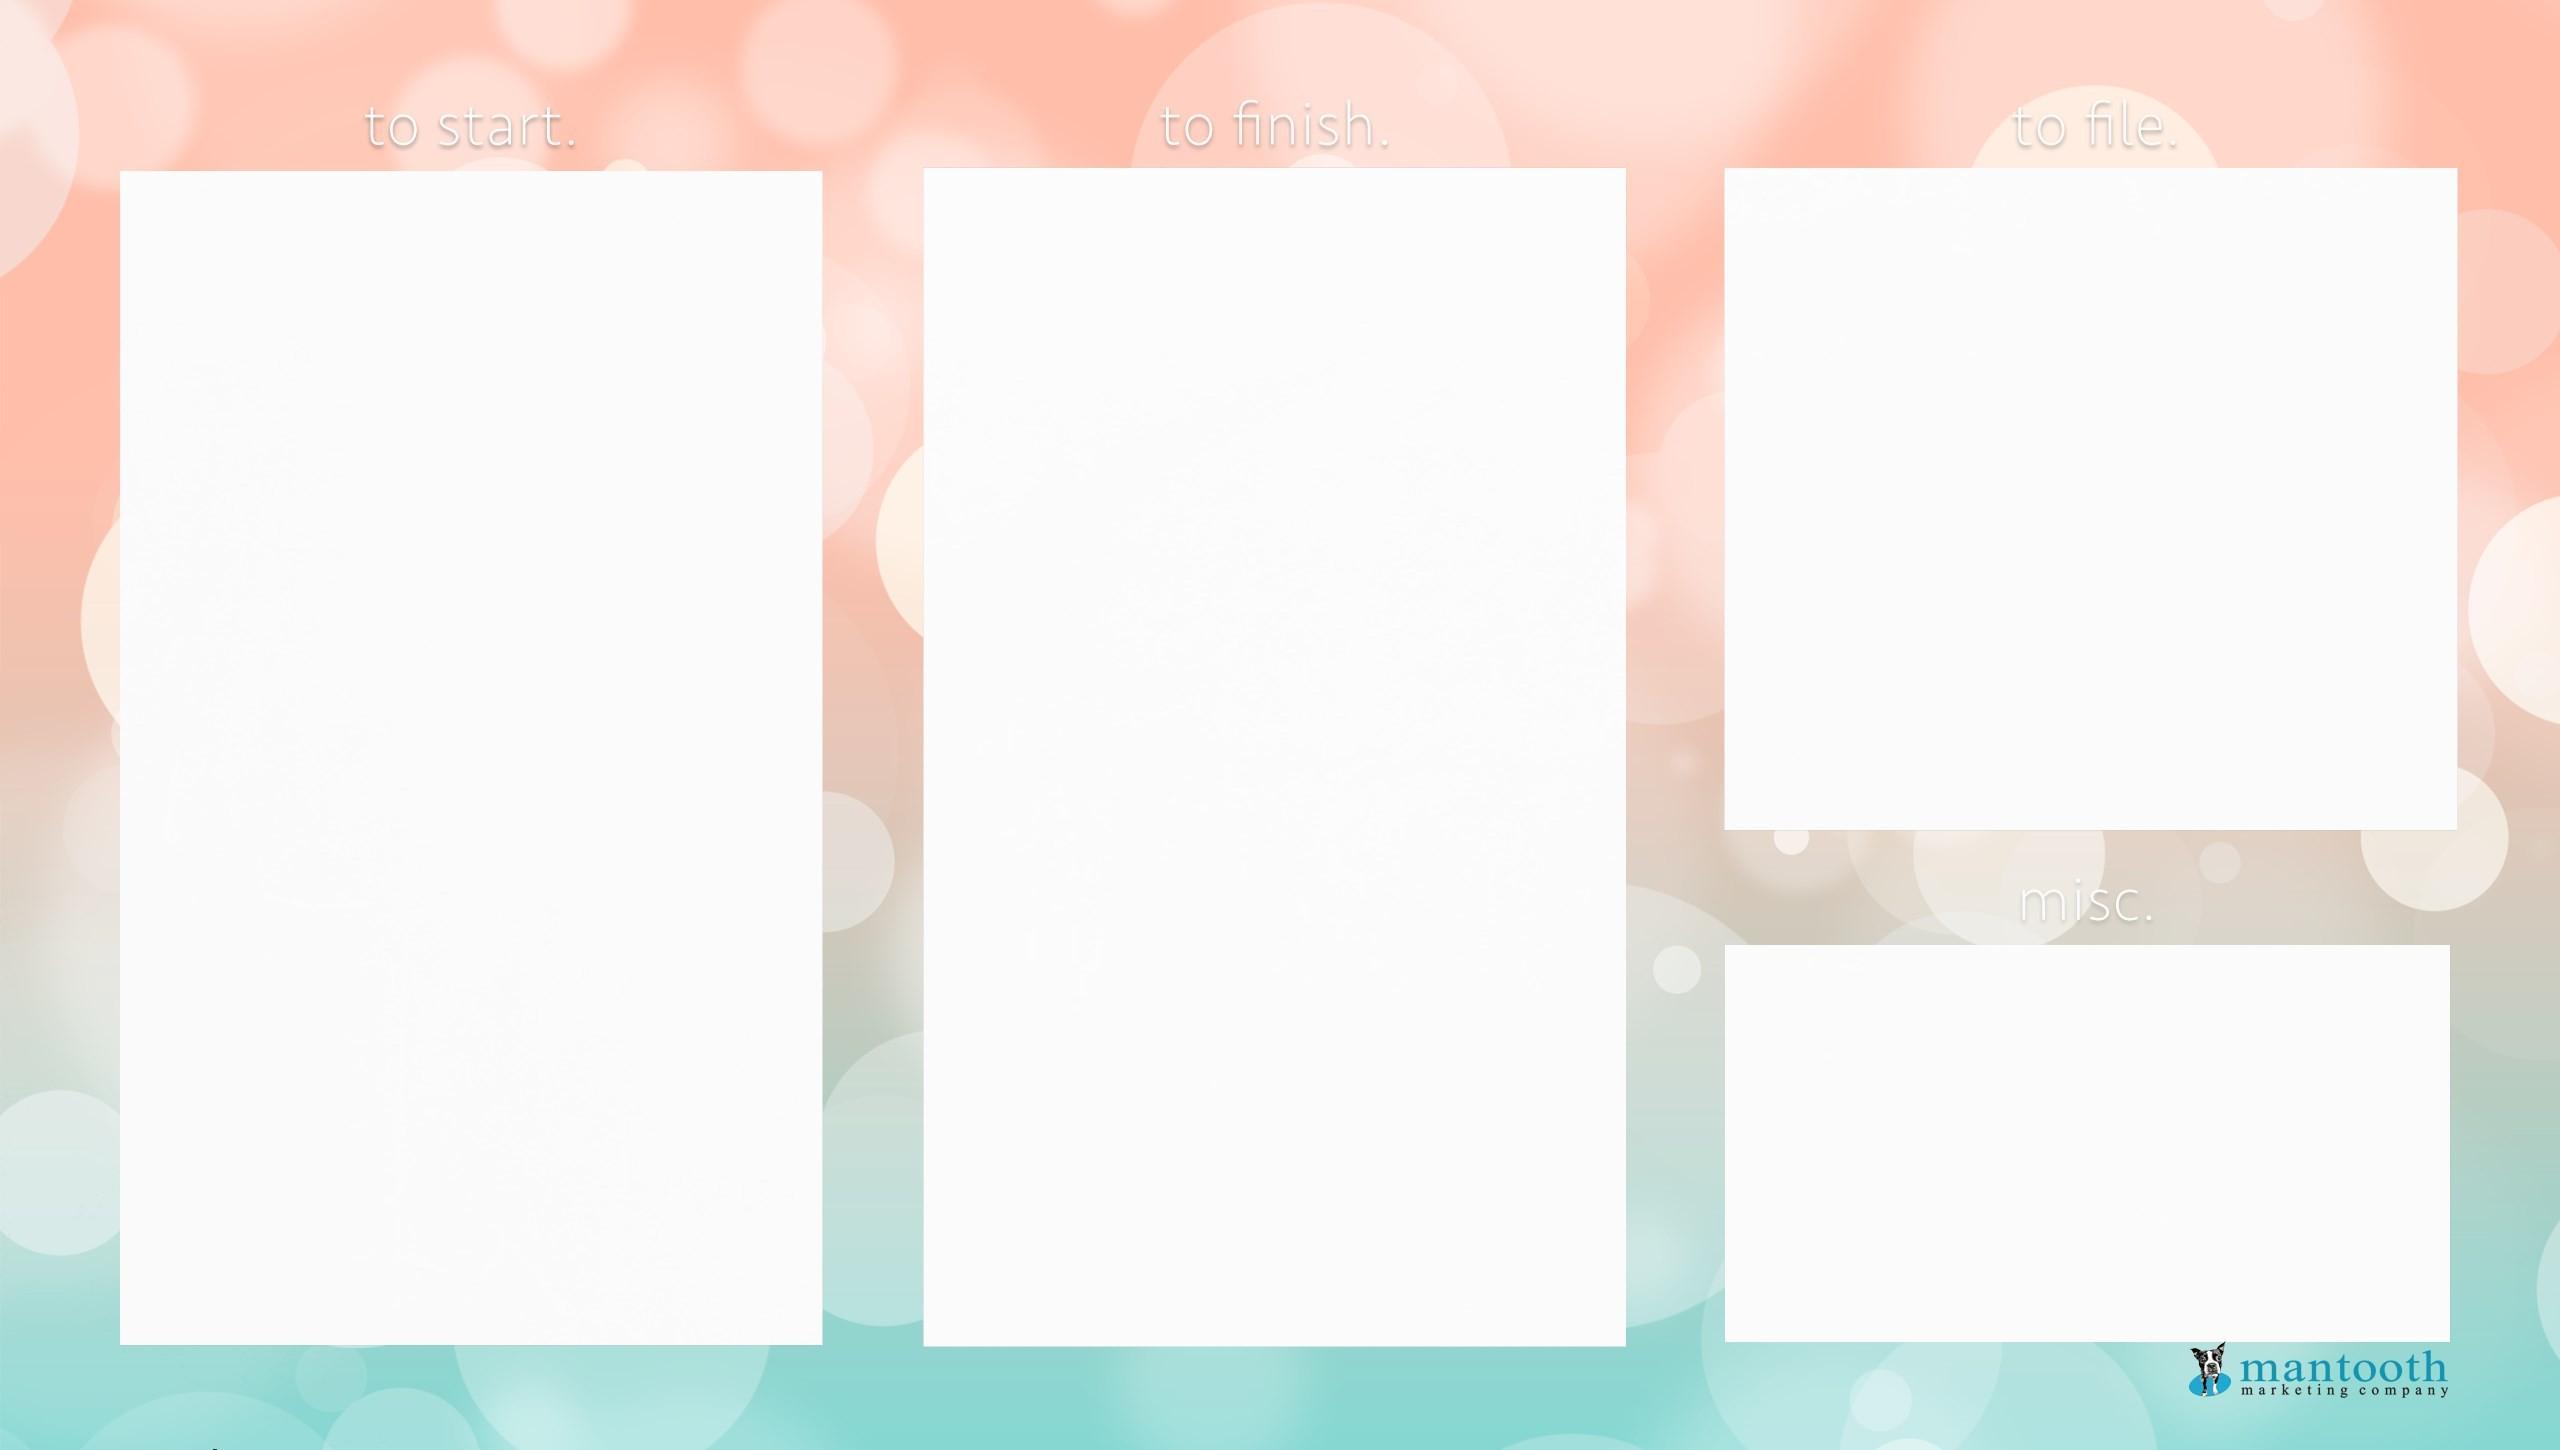 1920x1080 Desktop Organization Backgrounds Wallpaper